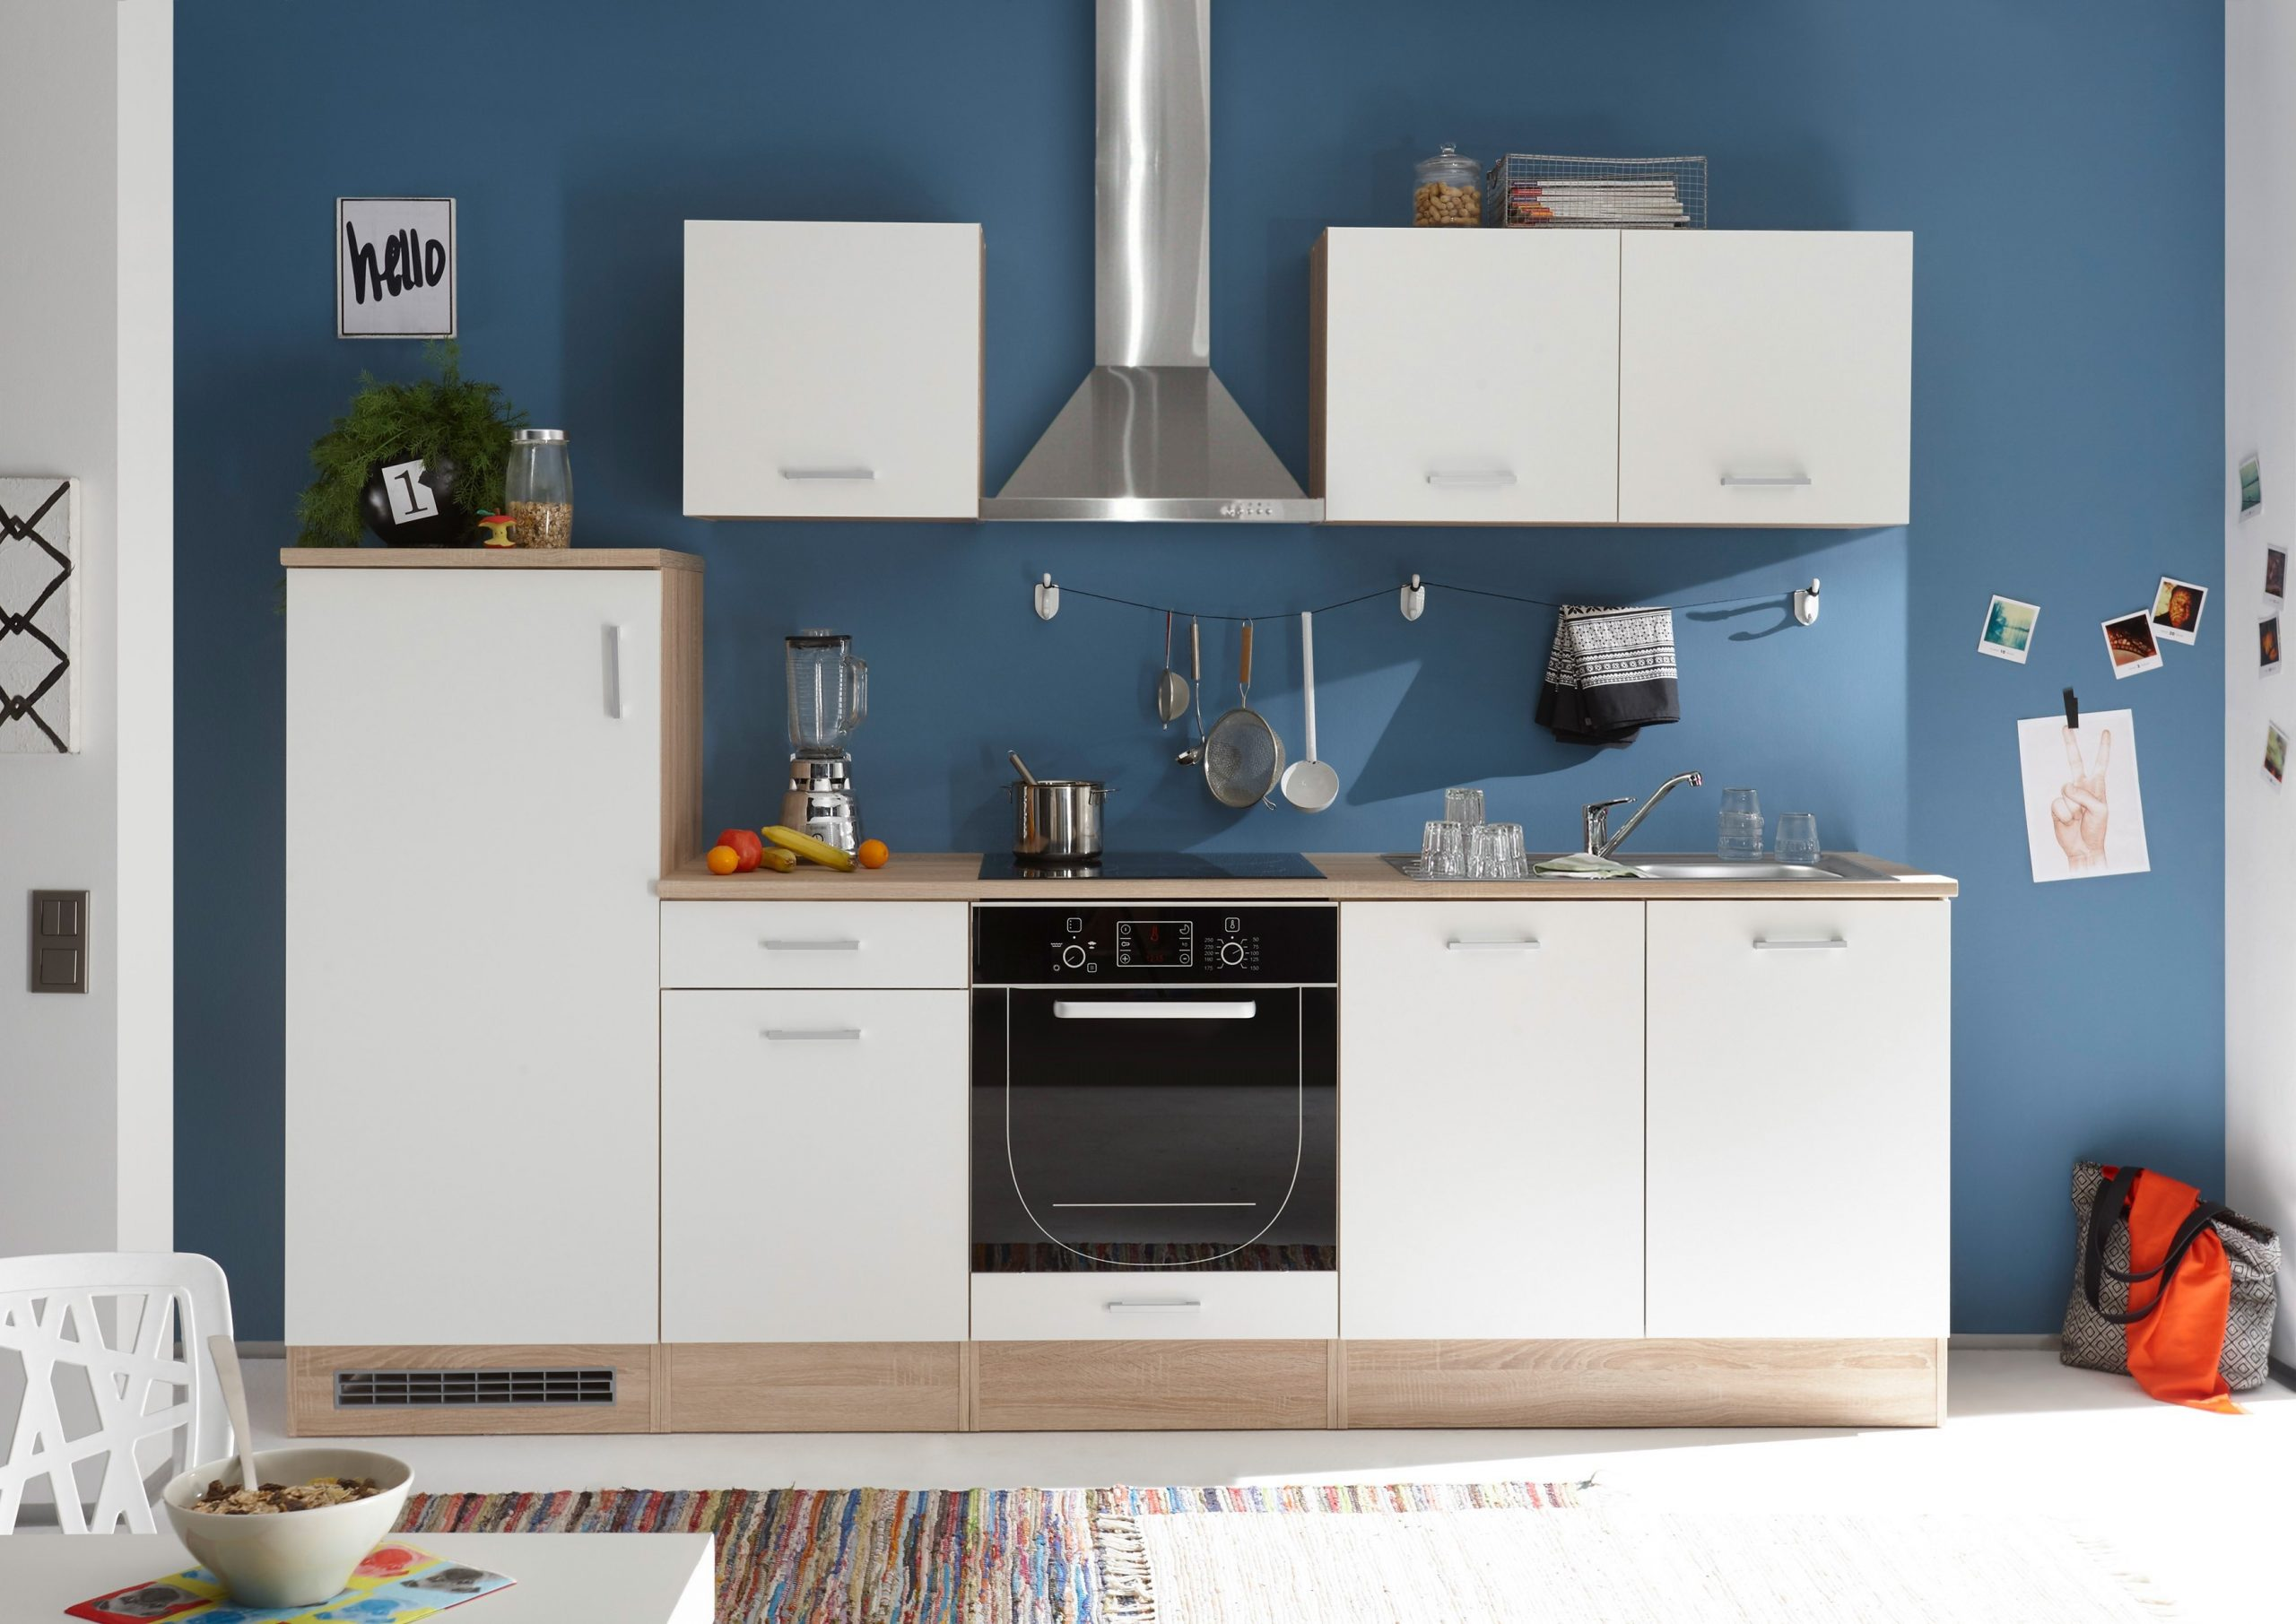 Full Size of Miniküche Mit Kühlschrank Ohne Kochfeld Miniküche Mit Kühlschrank Gebraucht Miniküche Mit Kühlschrank 130 Cm Miniküche Mit Kühlschrank Spüle Rechts Küche Miniküche Mit Kühlschrank